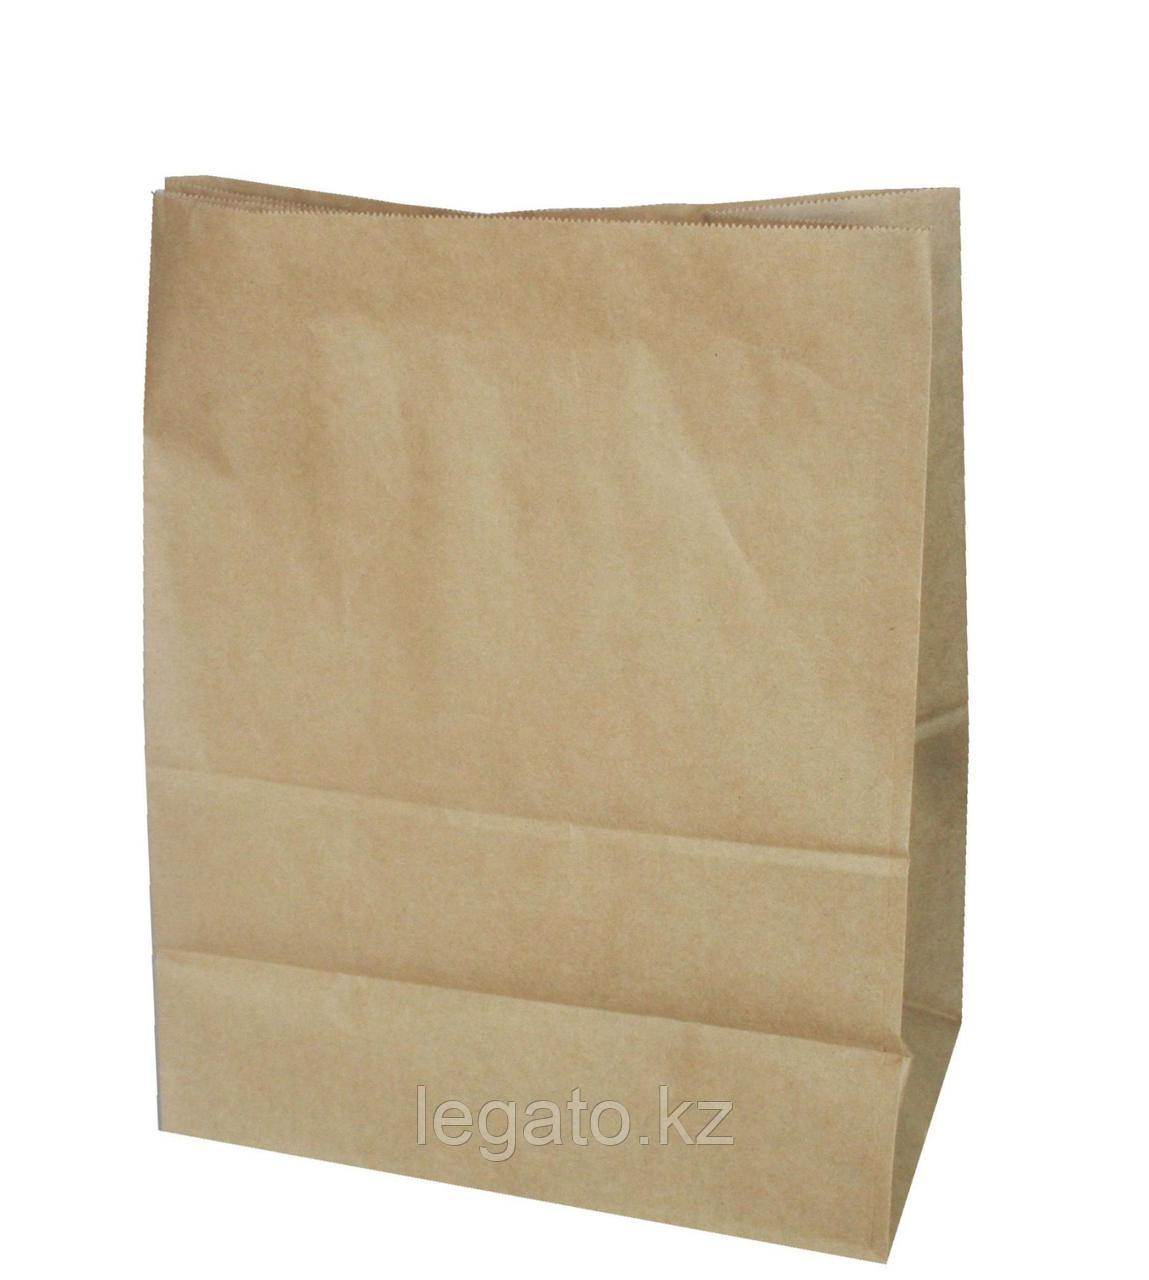 Пакет бумажный 210*90 белый  10000шт/кор (100шт/уп)